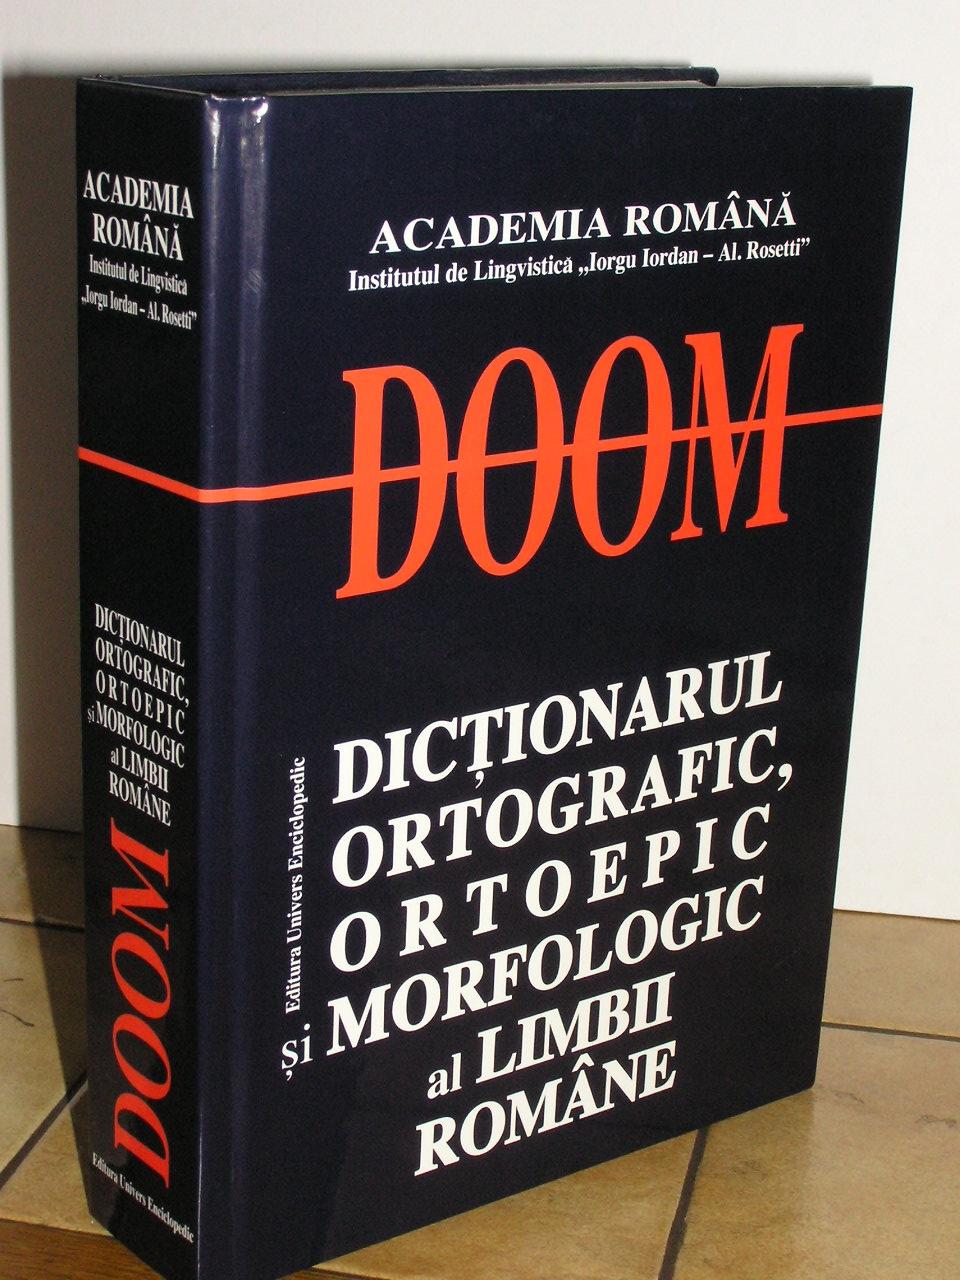 DOOM - Dicționarul ortografic, ortoepic și morfologic al limbii române